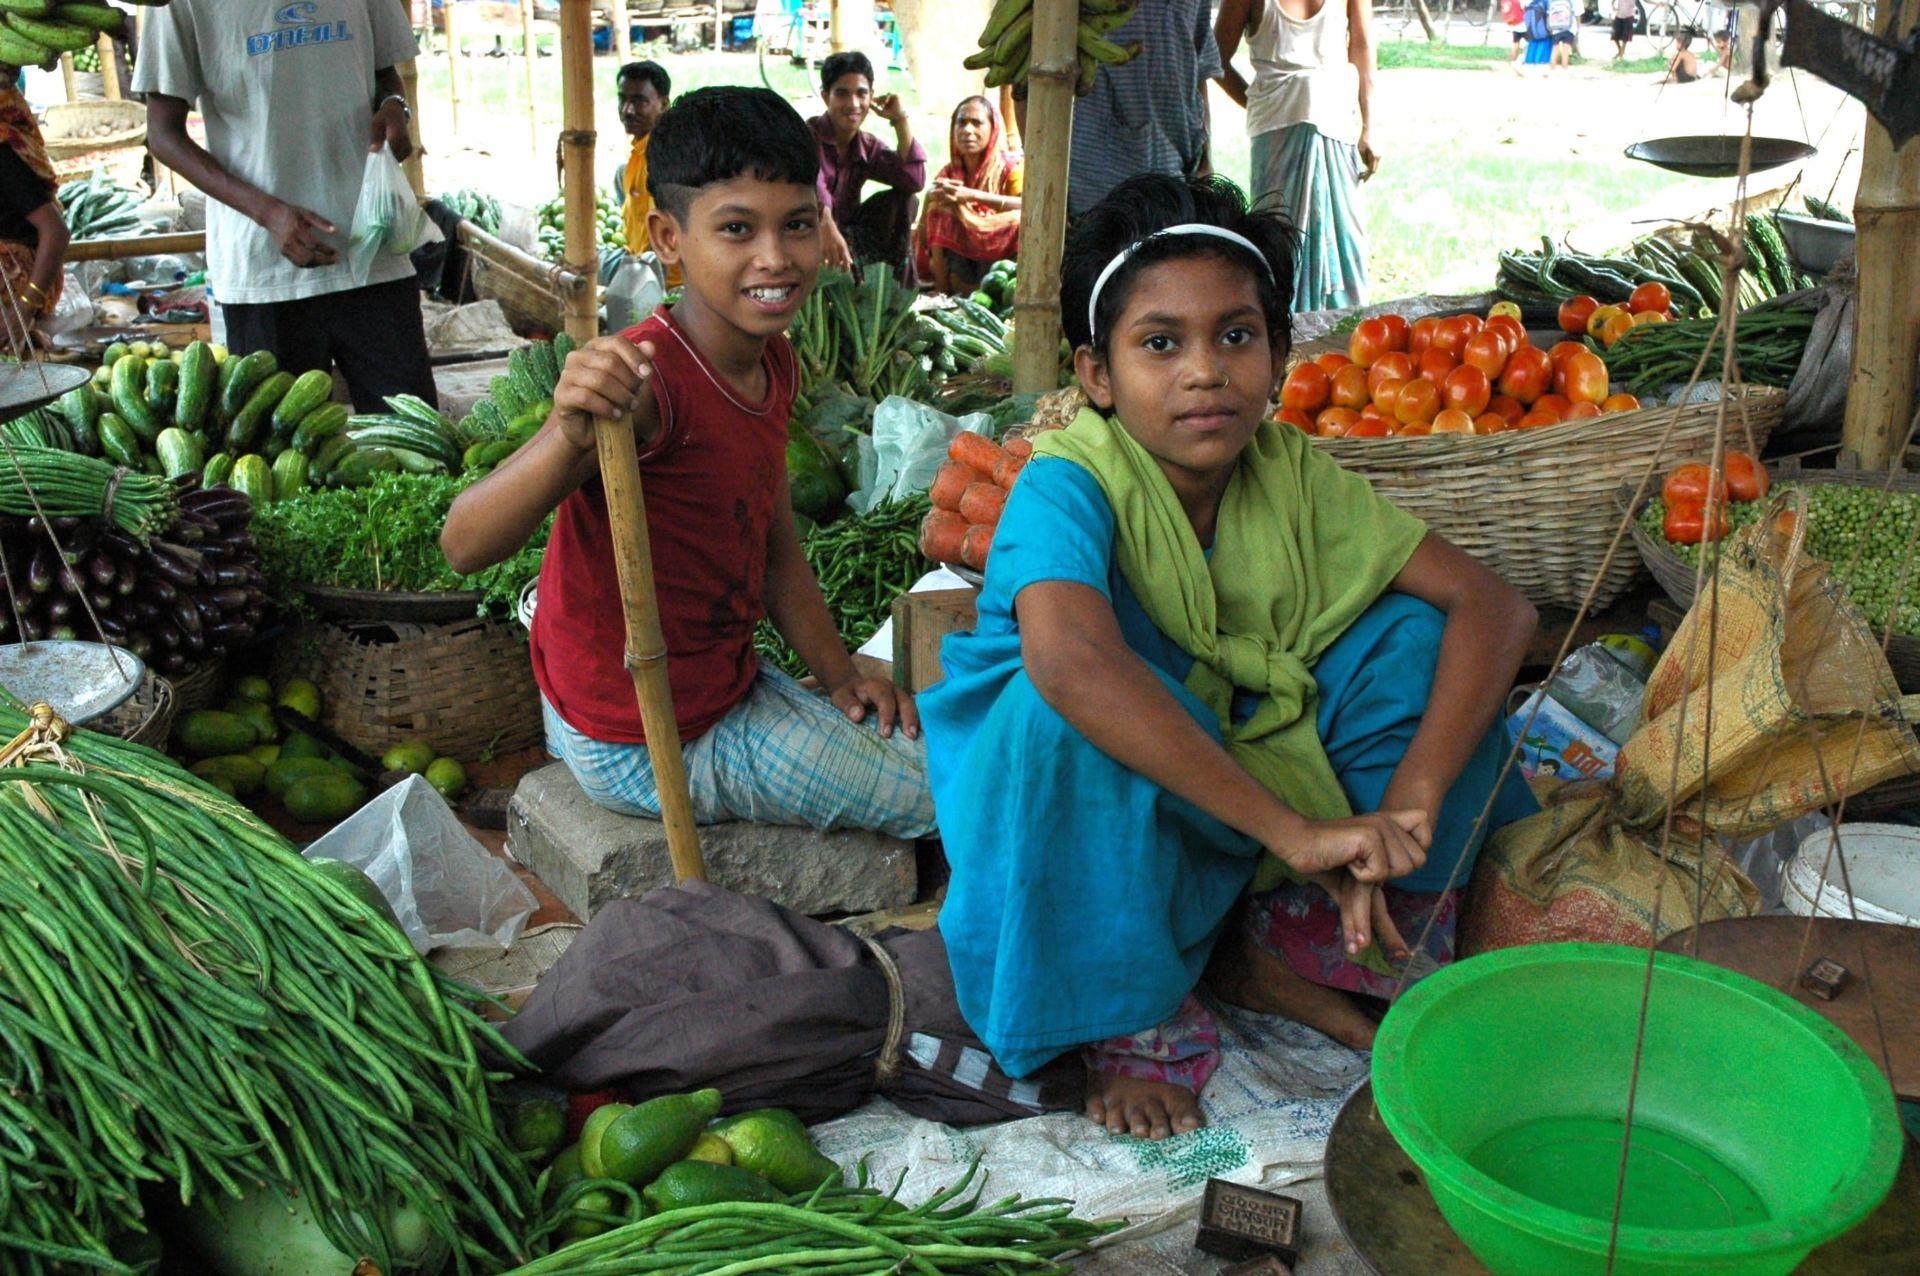 Children in Market